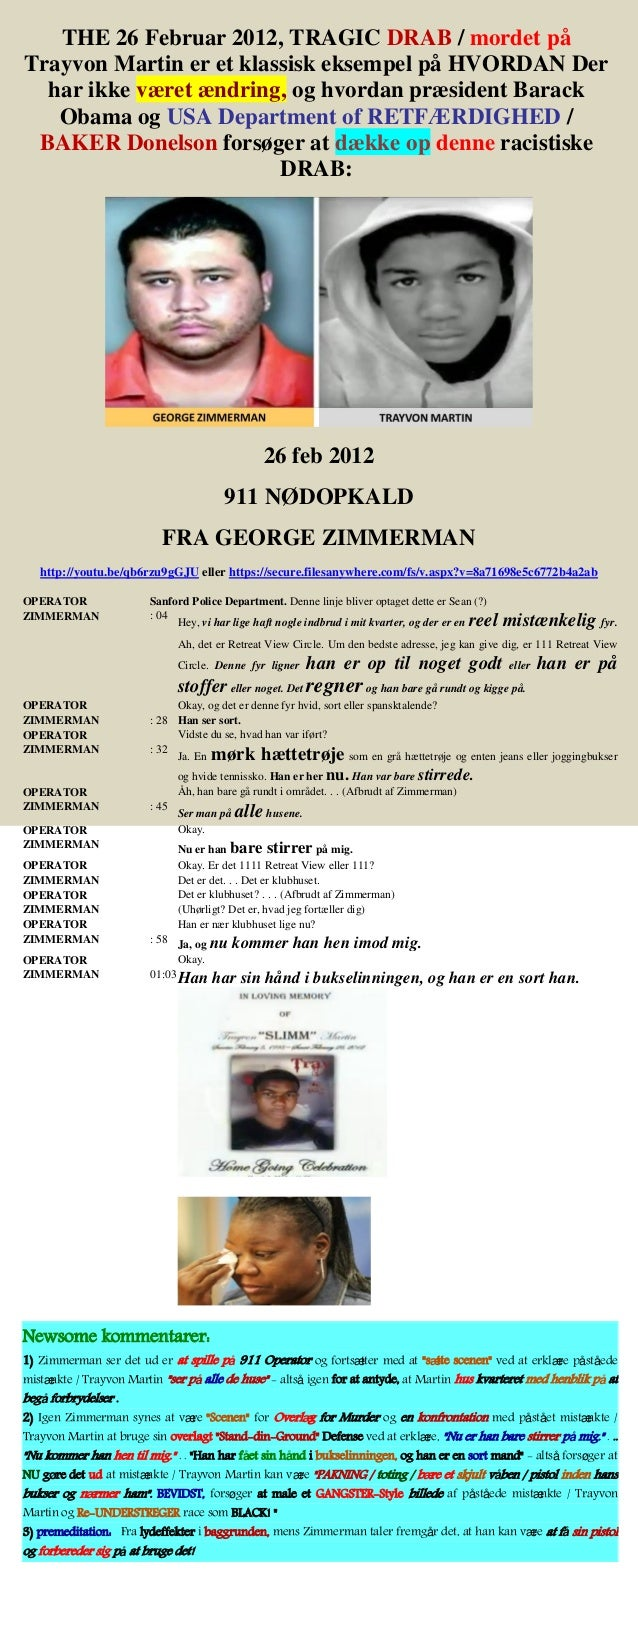 THE 26 Februar 2012, TRAGIC DRAB / mordet på Trayvon Martin er et klassisk eksempel på HVORDAN Der har ikke været ændring,...